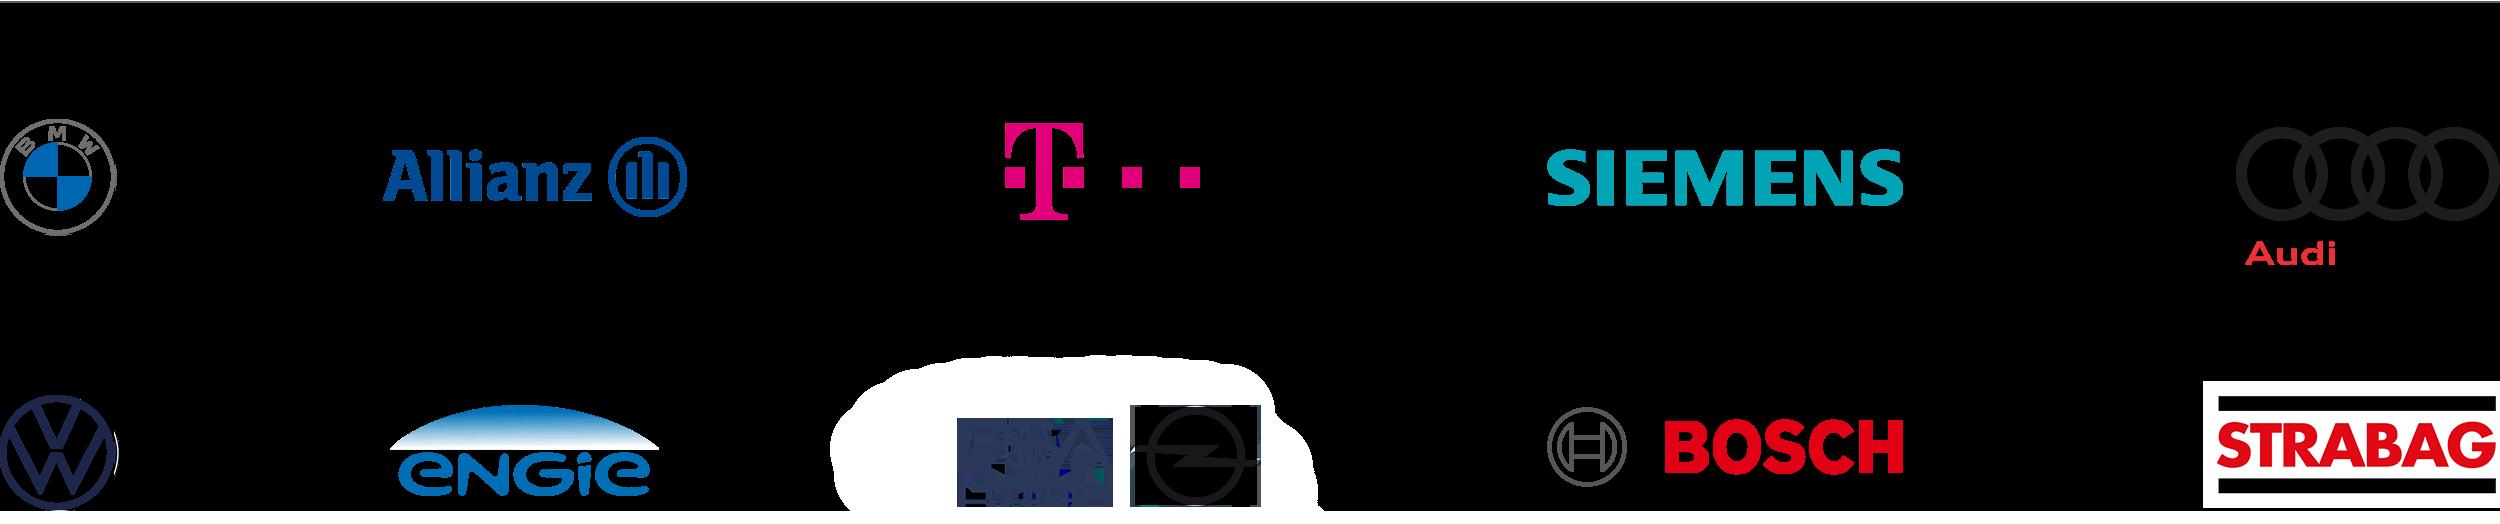 logos_top_companies_2020